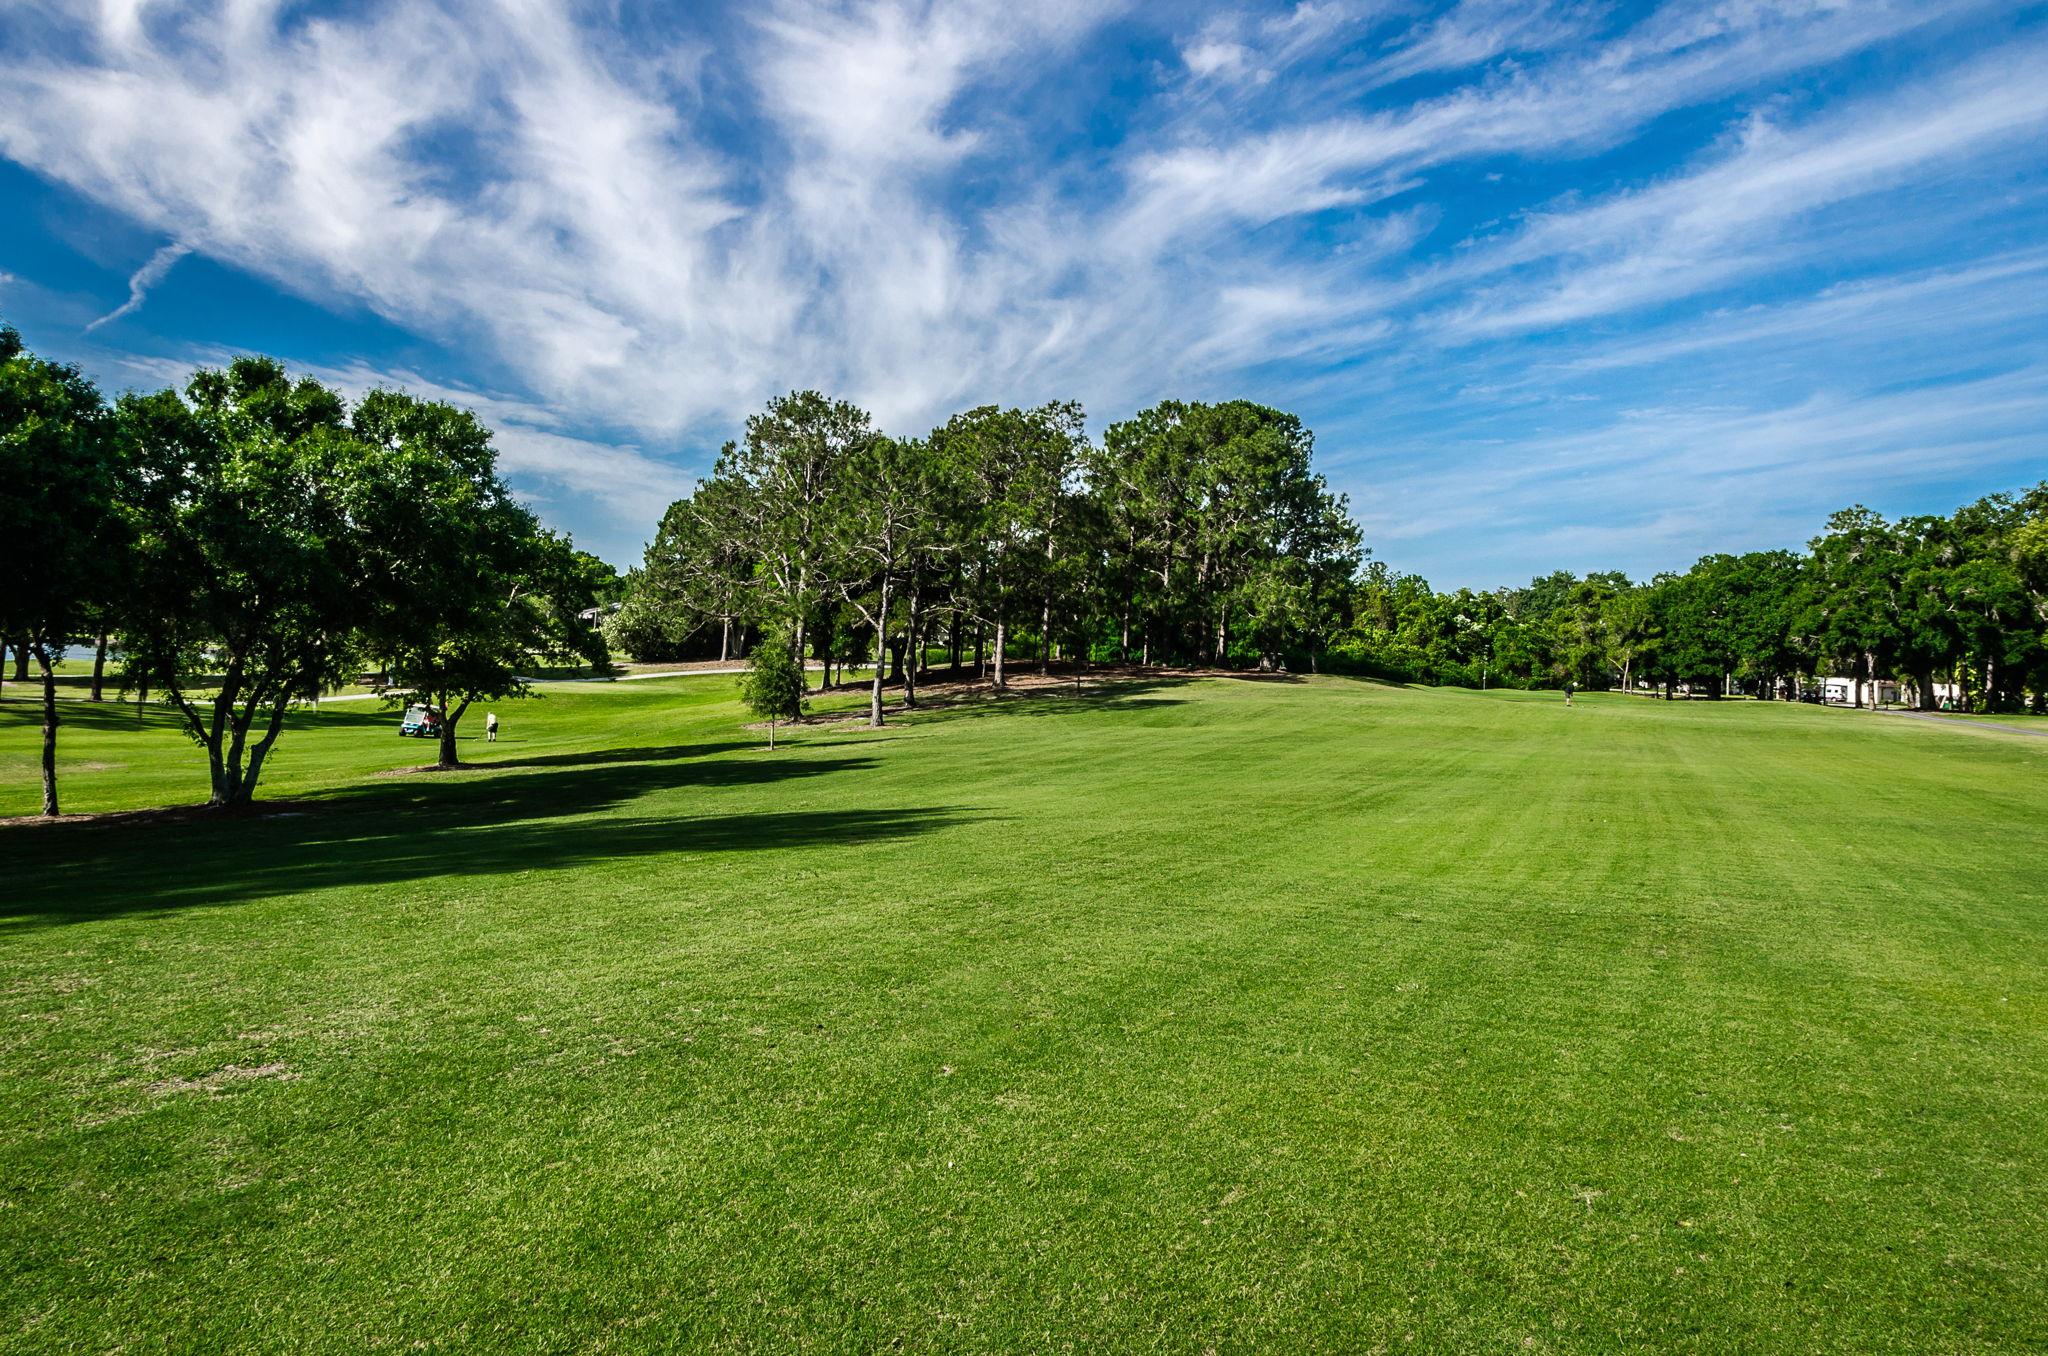 43-Golf Course